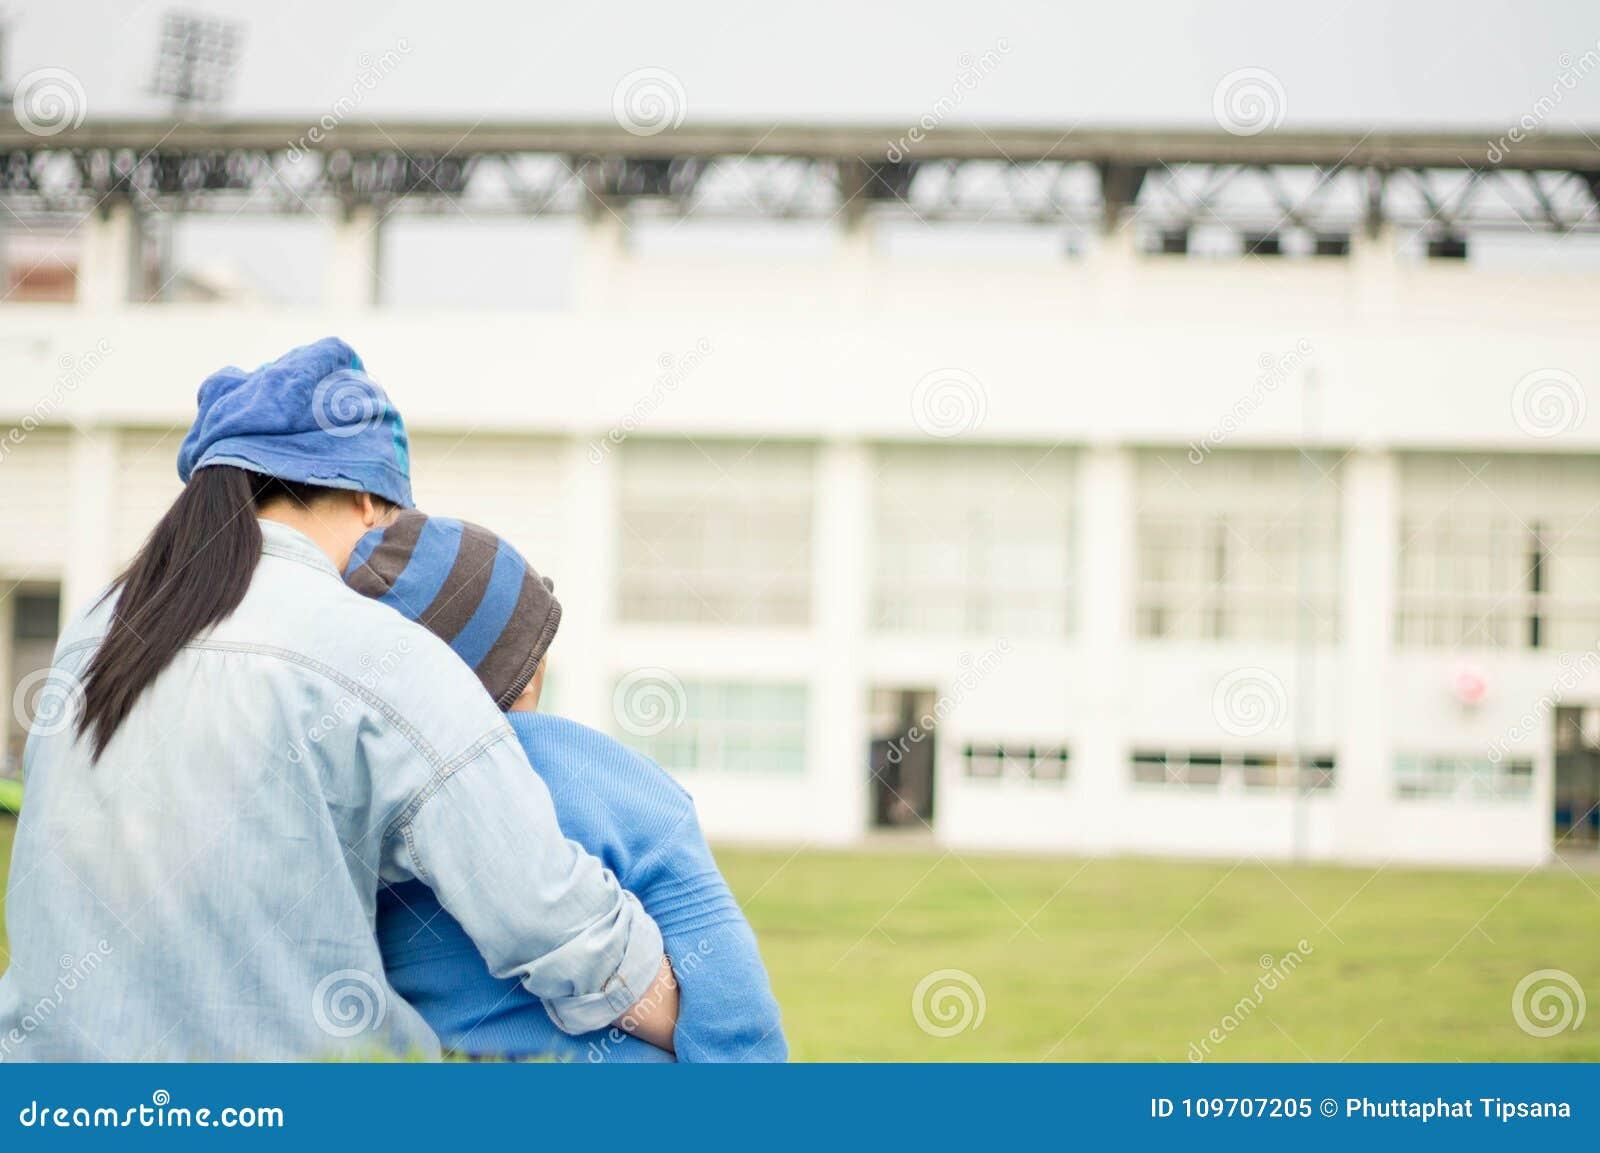 Мать, сын в парке, футбольное поле и лужайка